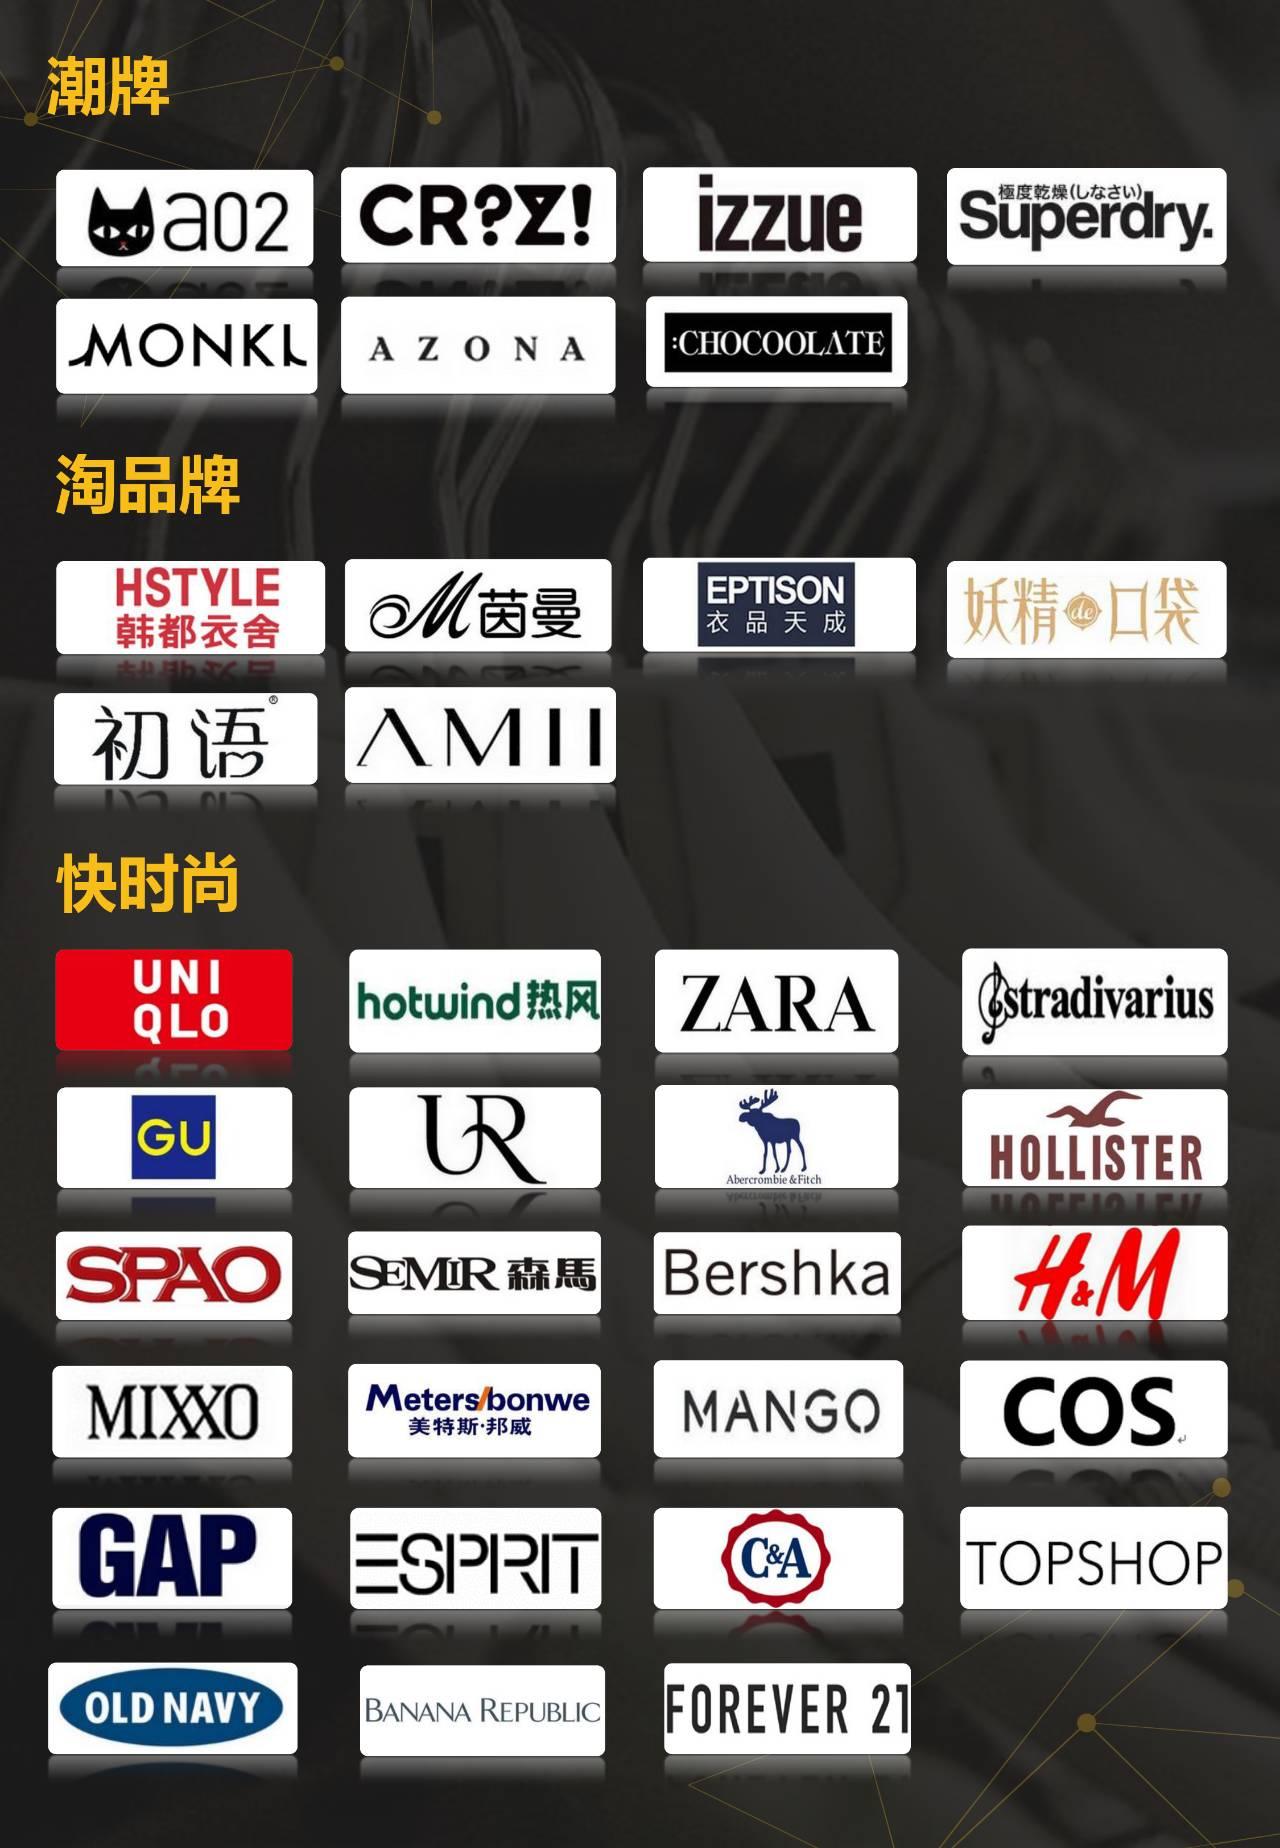 100家女装品牌全盘解析,3分钟读懂2017需求新趋势(图30)